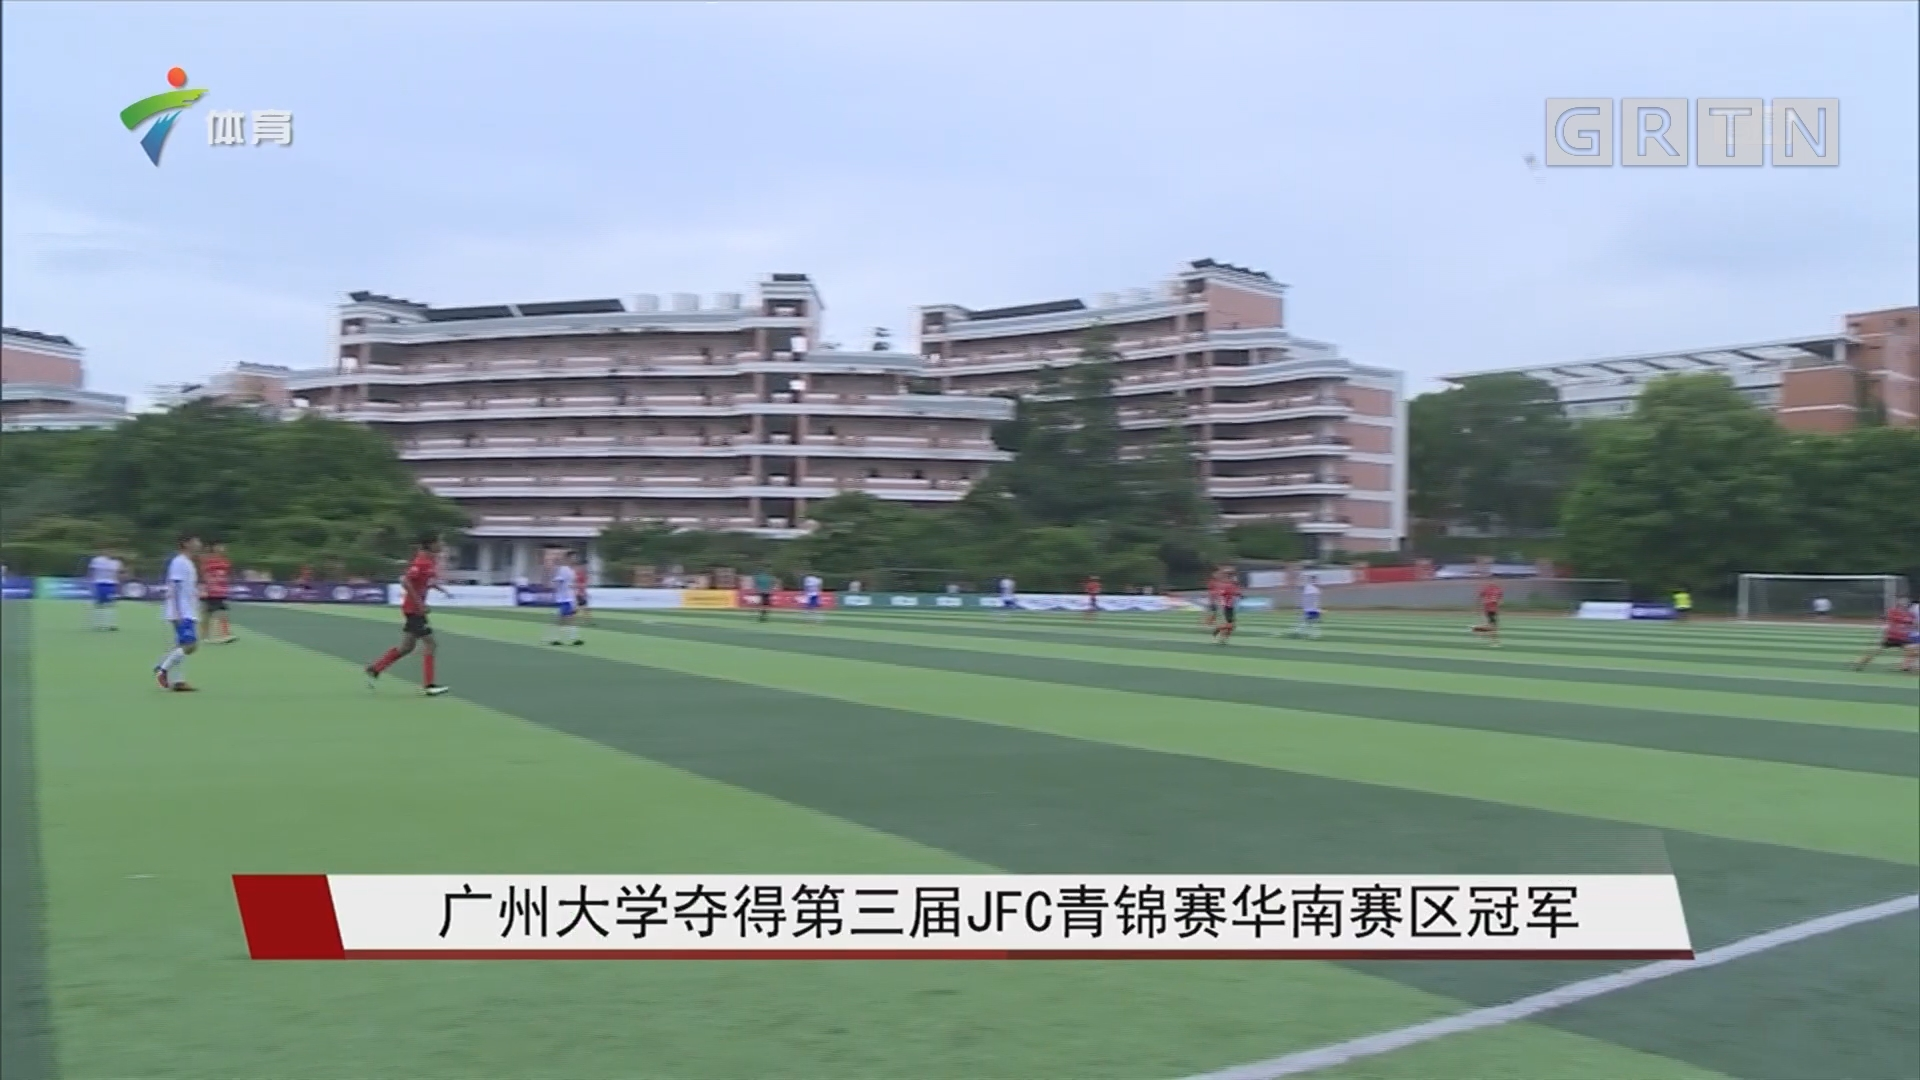 广州大学夺得第三届JFC青锦赛华南赛区冠军